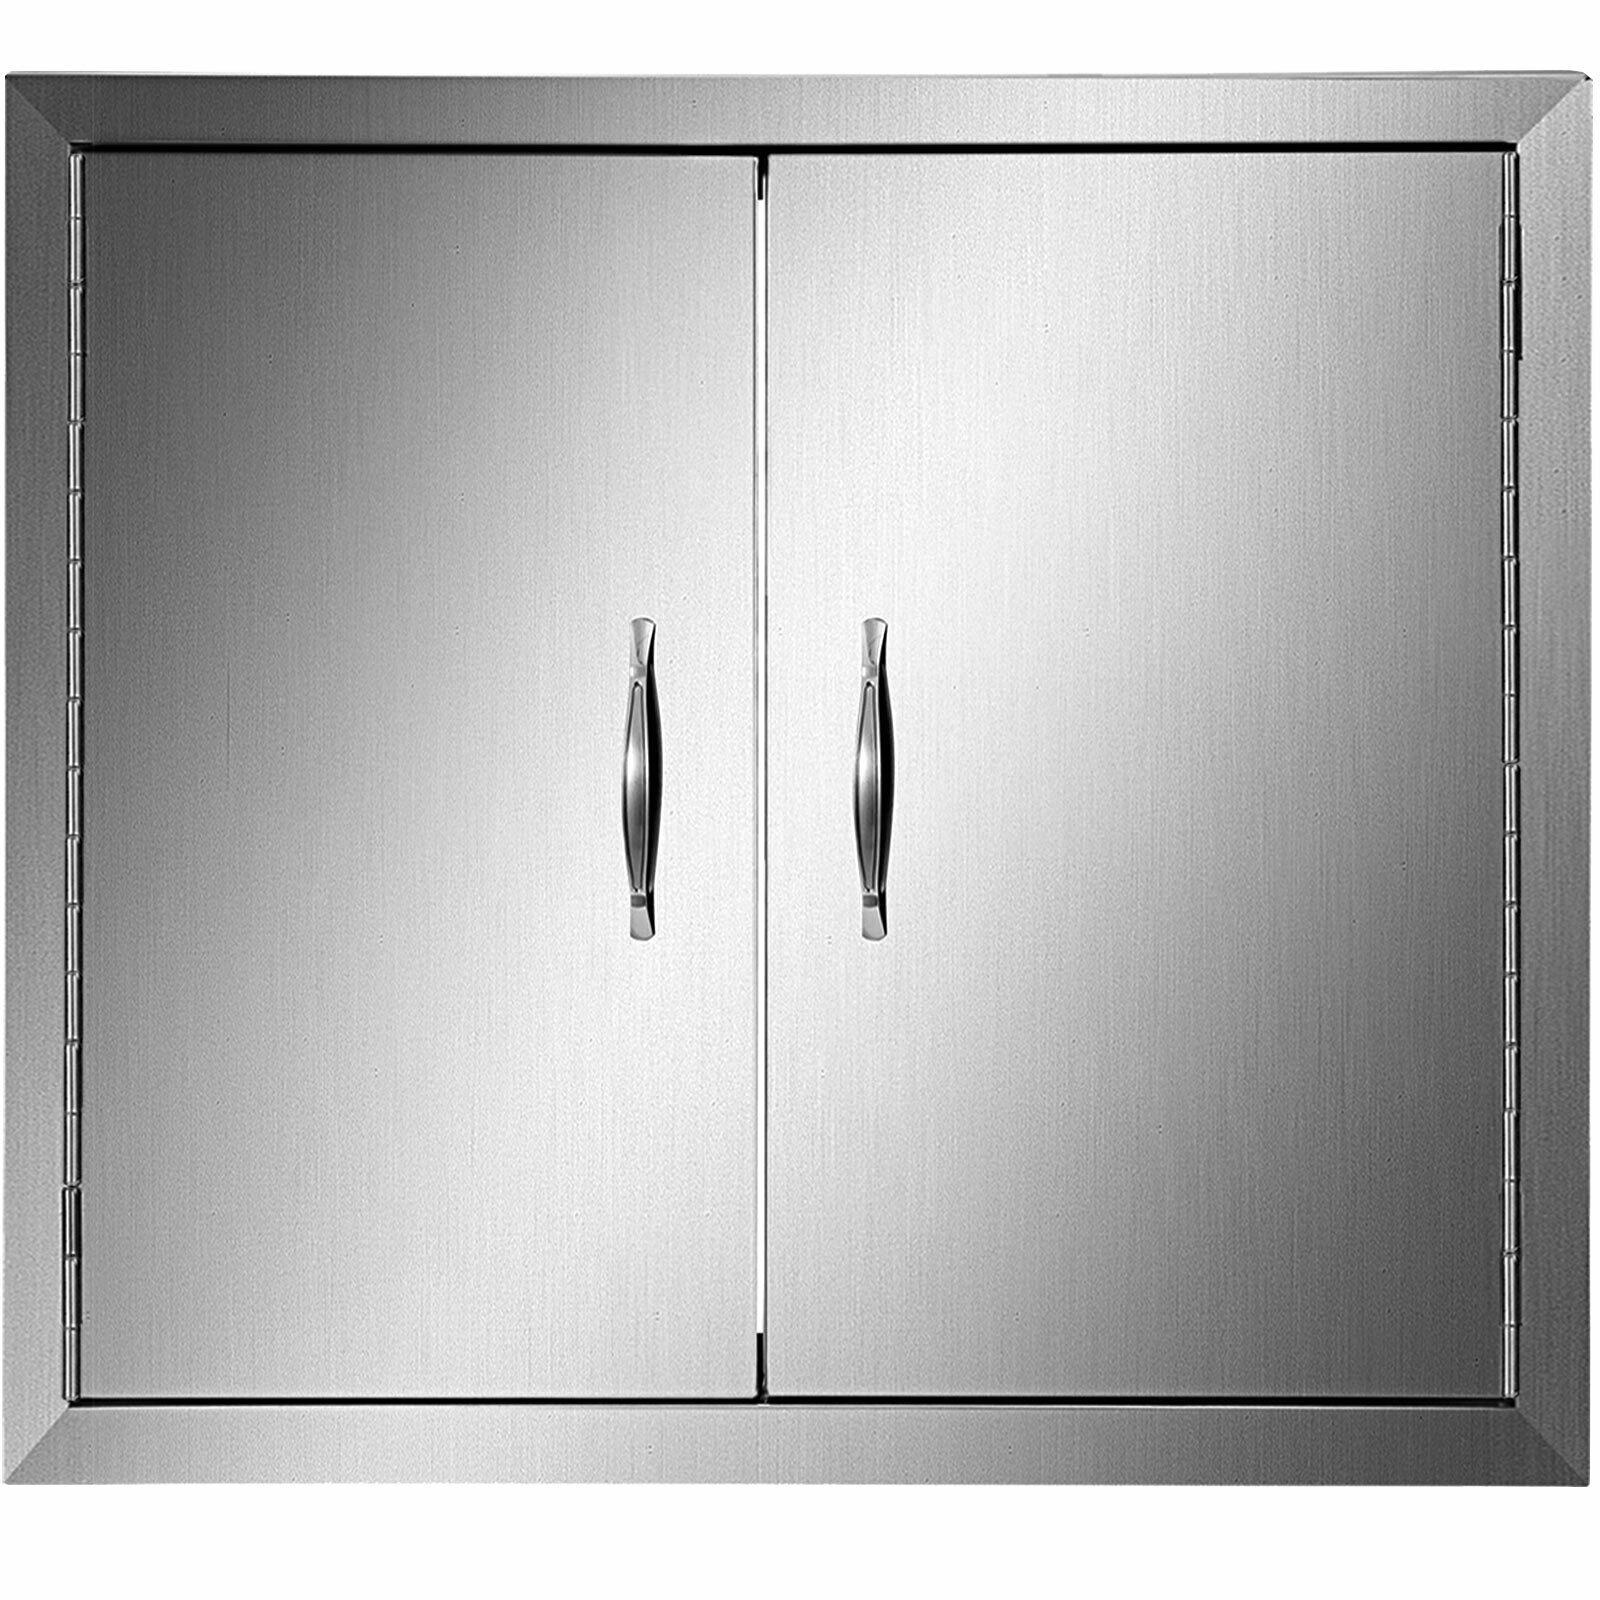 Vevor خارج المطبخ باب مزدوج مقبض من الفولاذ المقاوم للصدأ خزانة مقاومة للماء دائم الباب المغناطيسي للتعرض العاصفة الممطرة